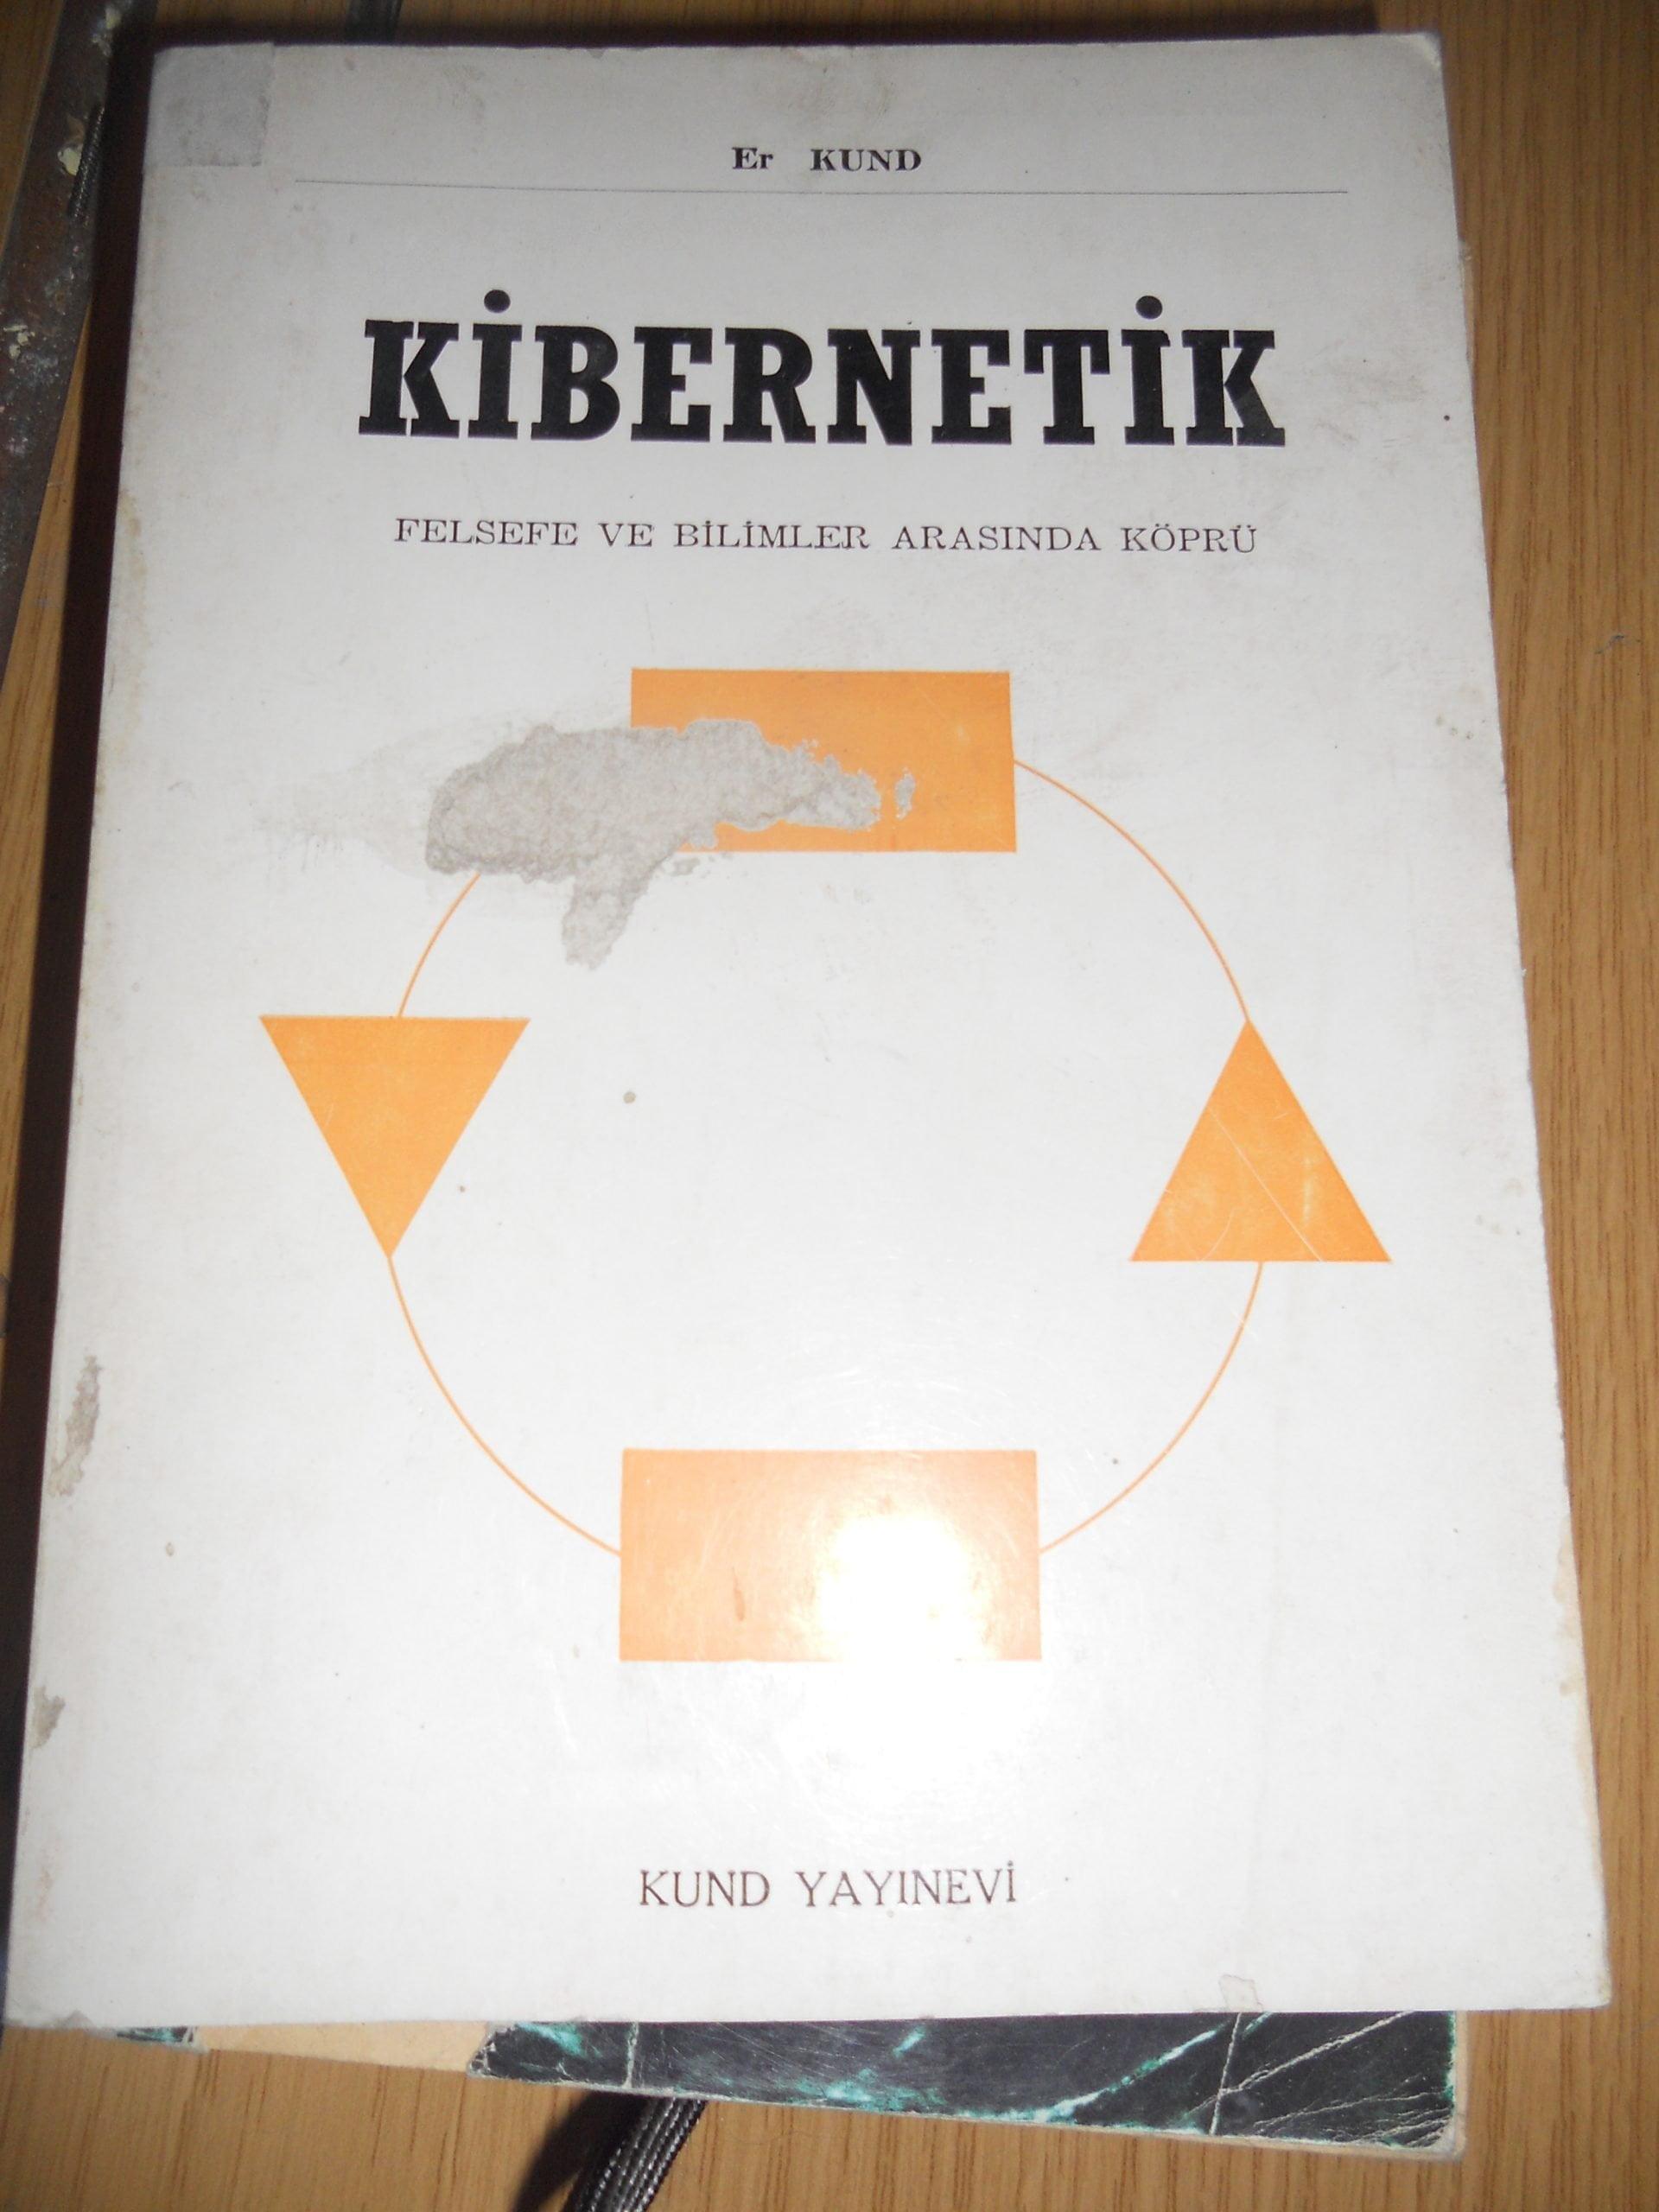 KİBERNETİK- ER KUND/ 15 tl